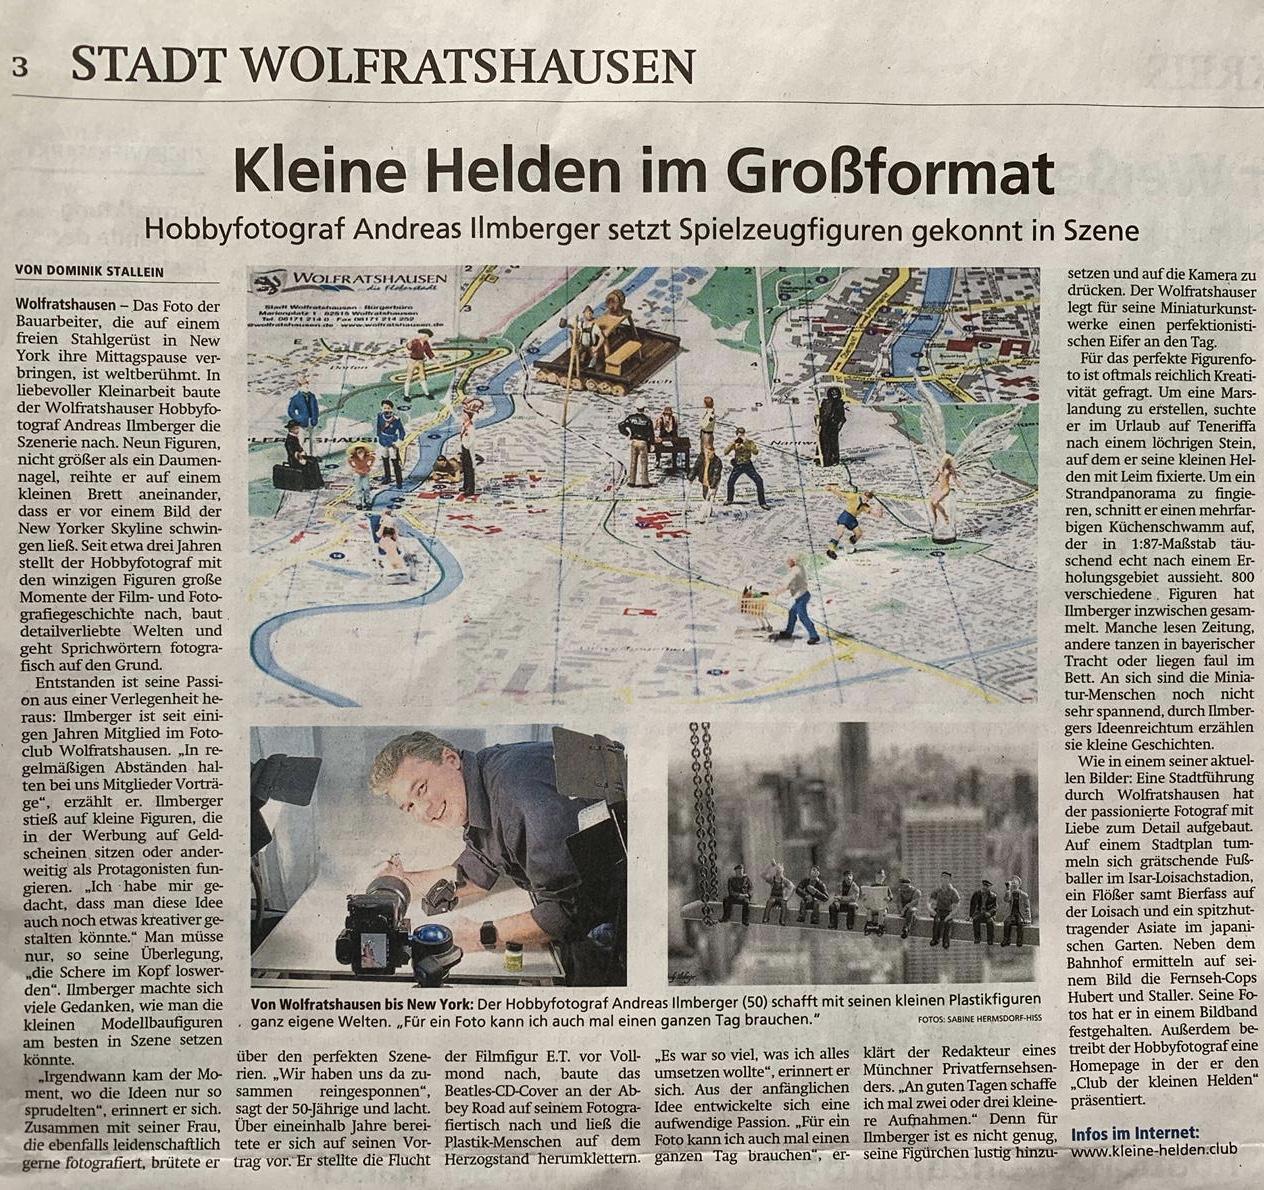 Kleine Helden im Großformat - Zeitungsartikel über die Kleine Helden und Andy Ilmberger